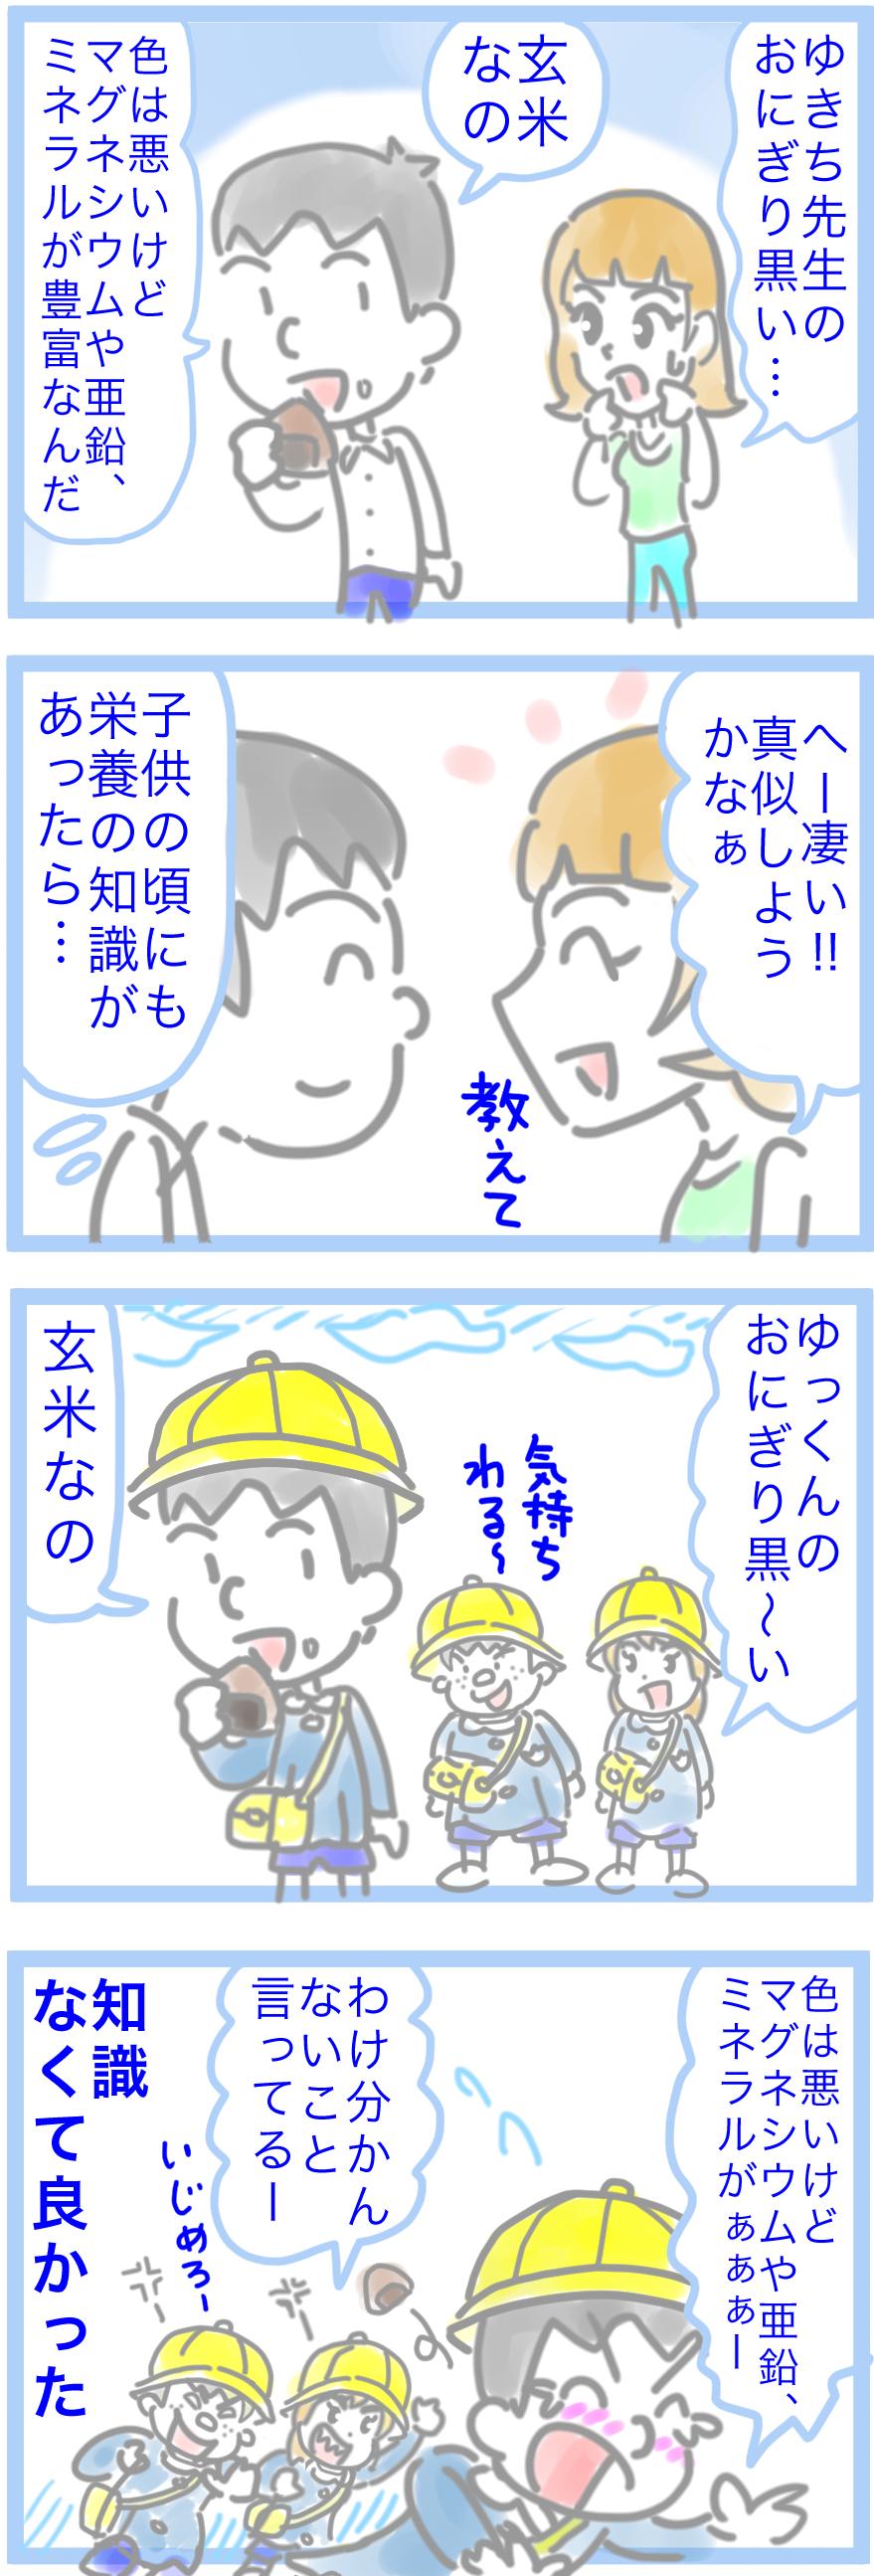 玄米は太るか漫画2